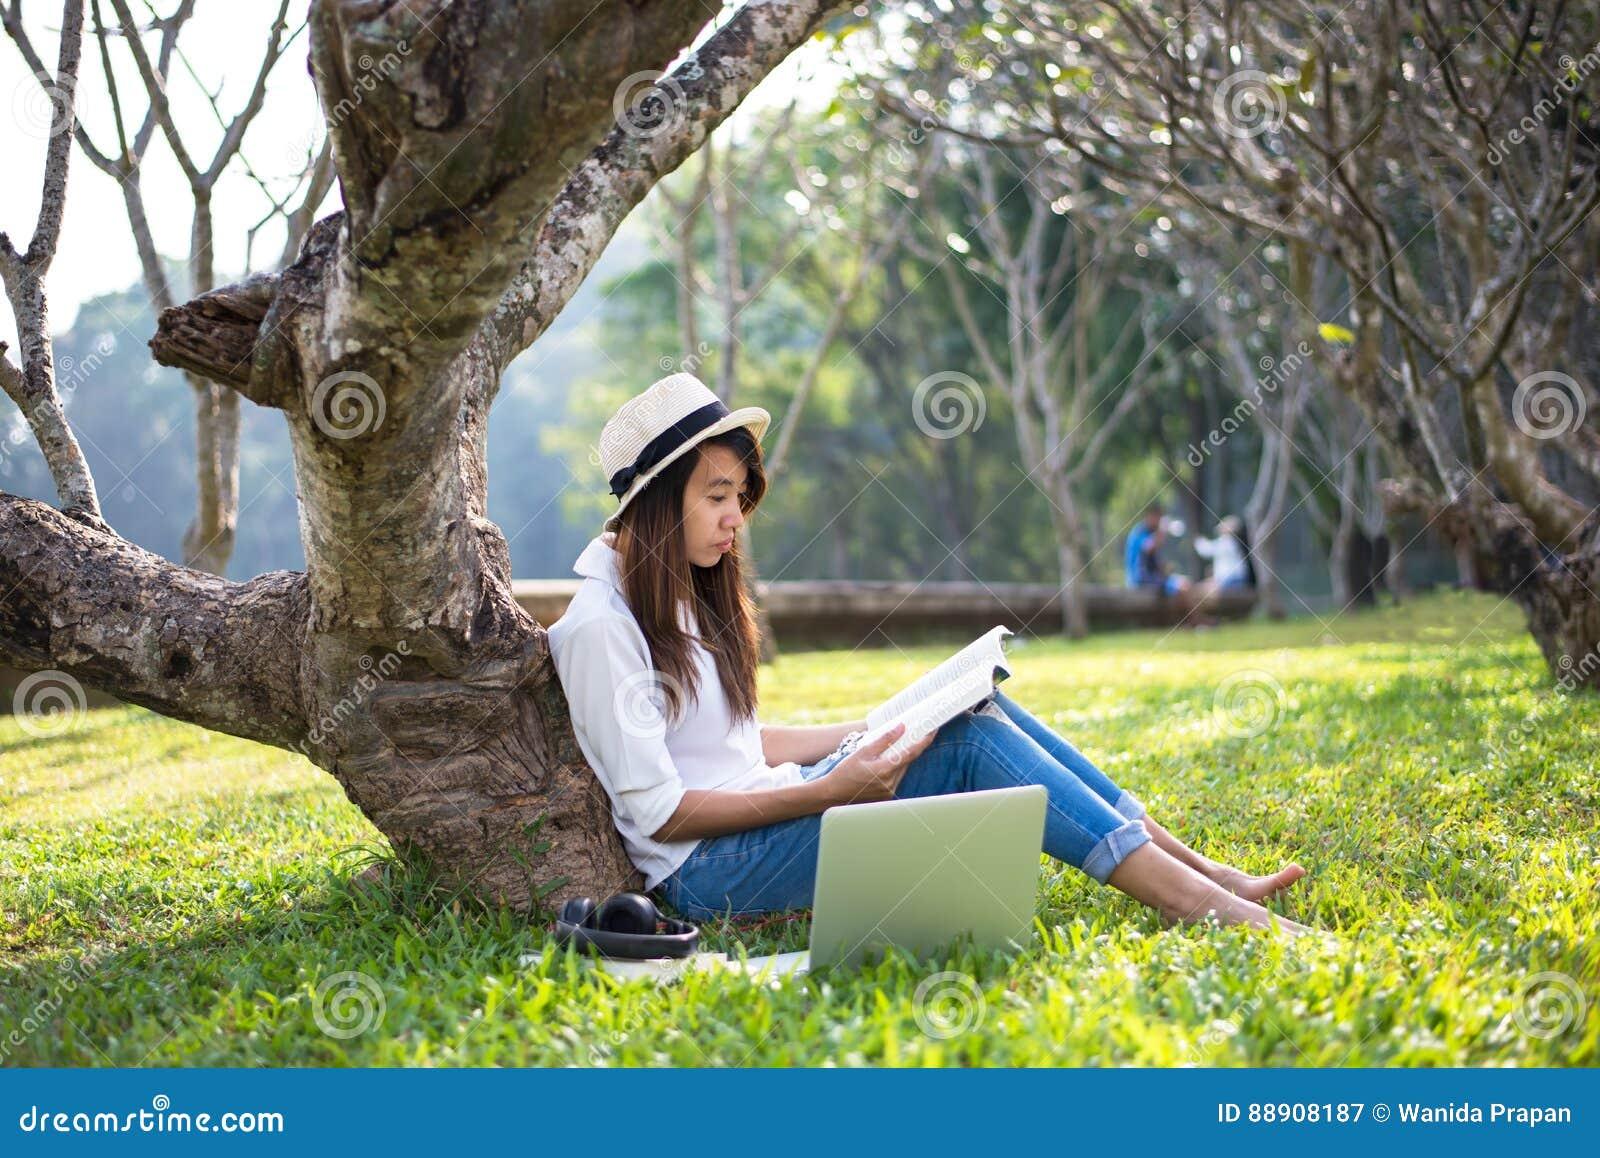 Dziewczyna cieszy się czytający książkę pod drzewem, kłaść na trawie park